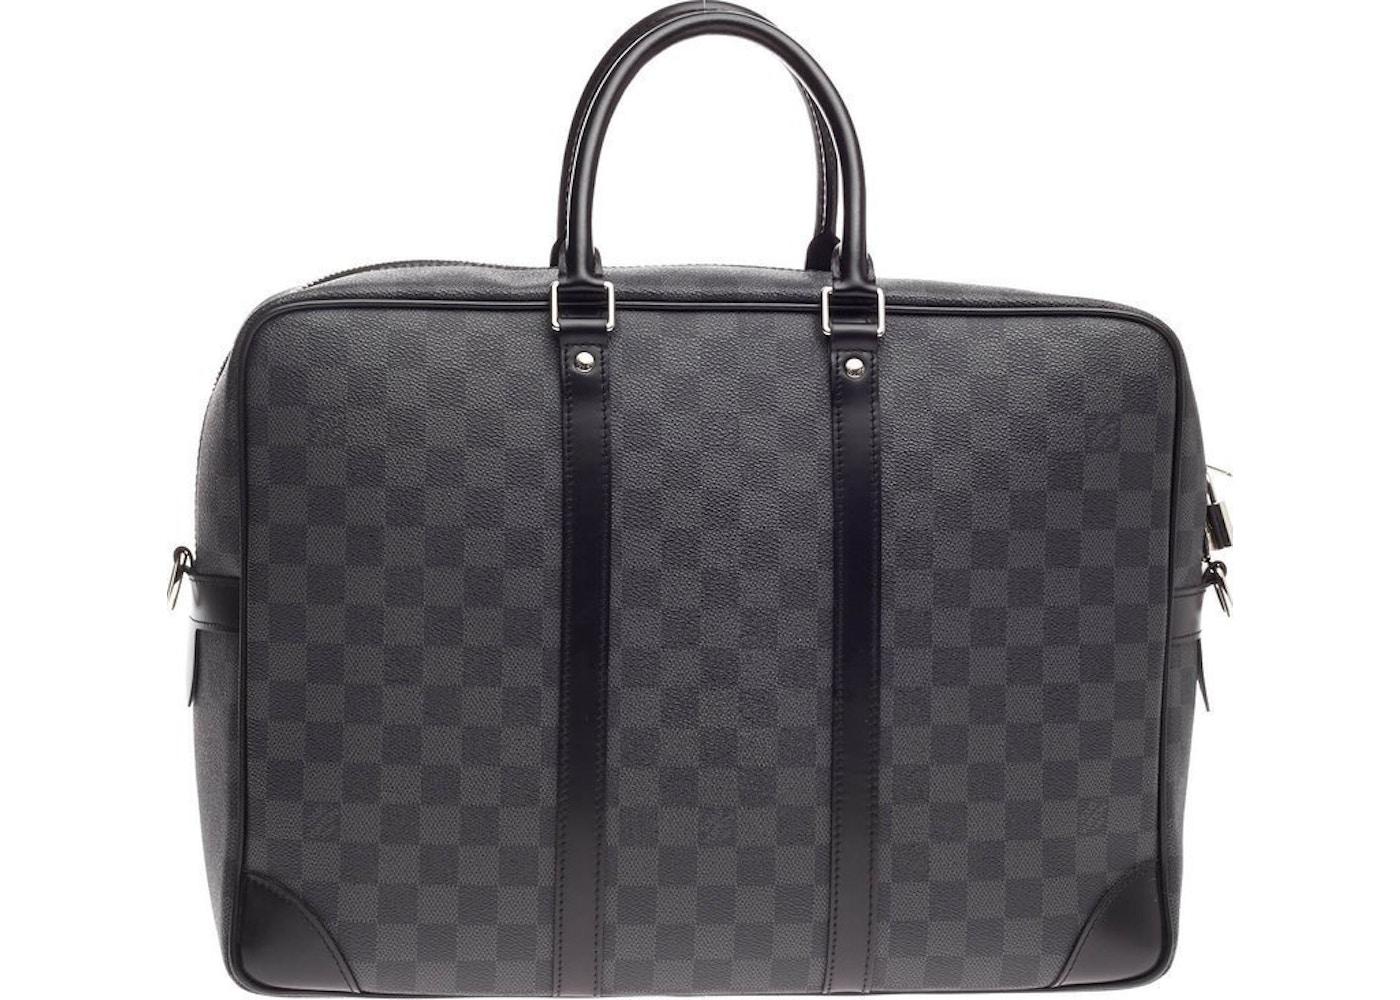 01b867b2ad Louis Vuitton Porte-Documents Voyages Damier Graphite GM Black. Damier  Graphite GM Black